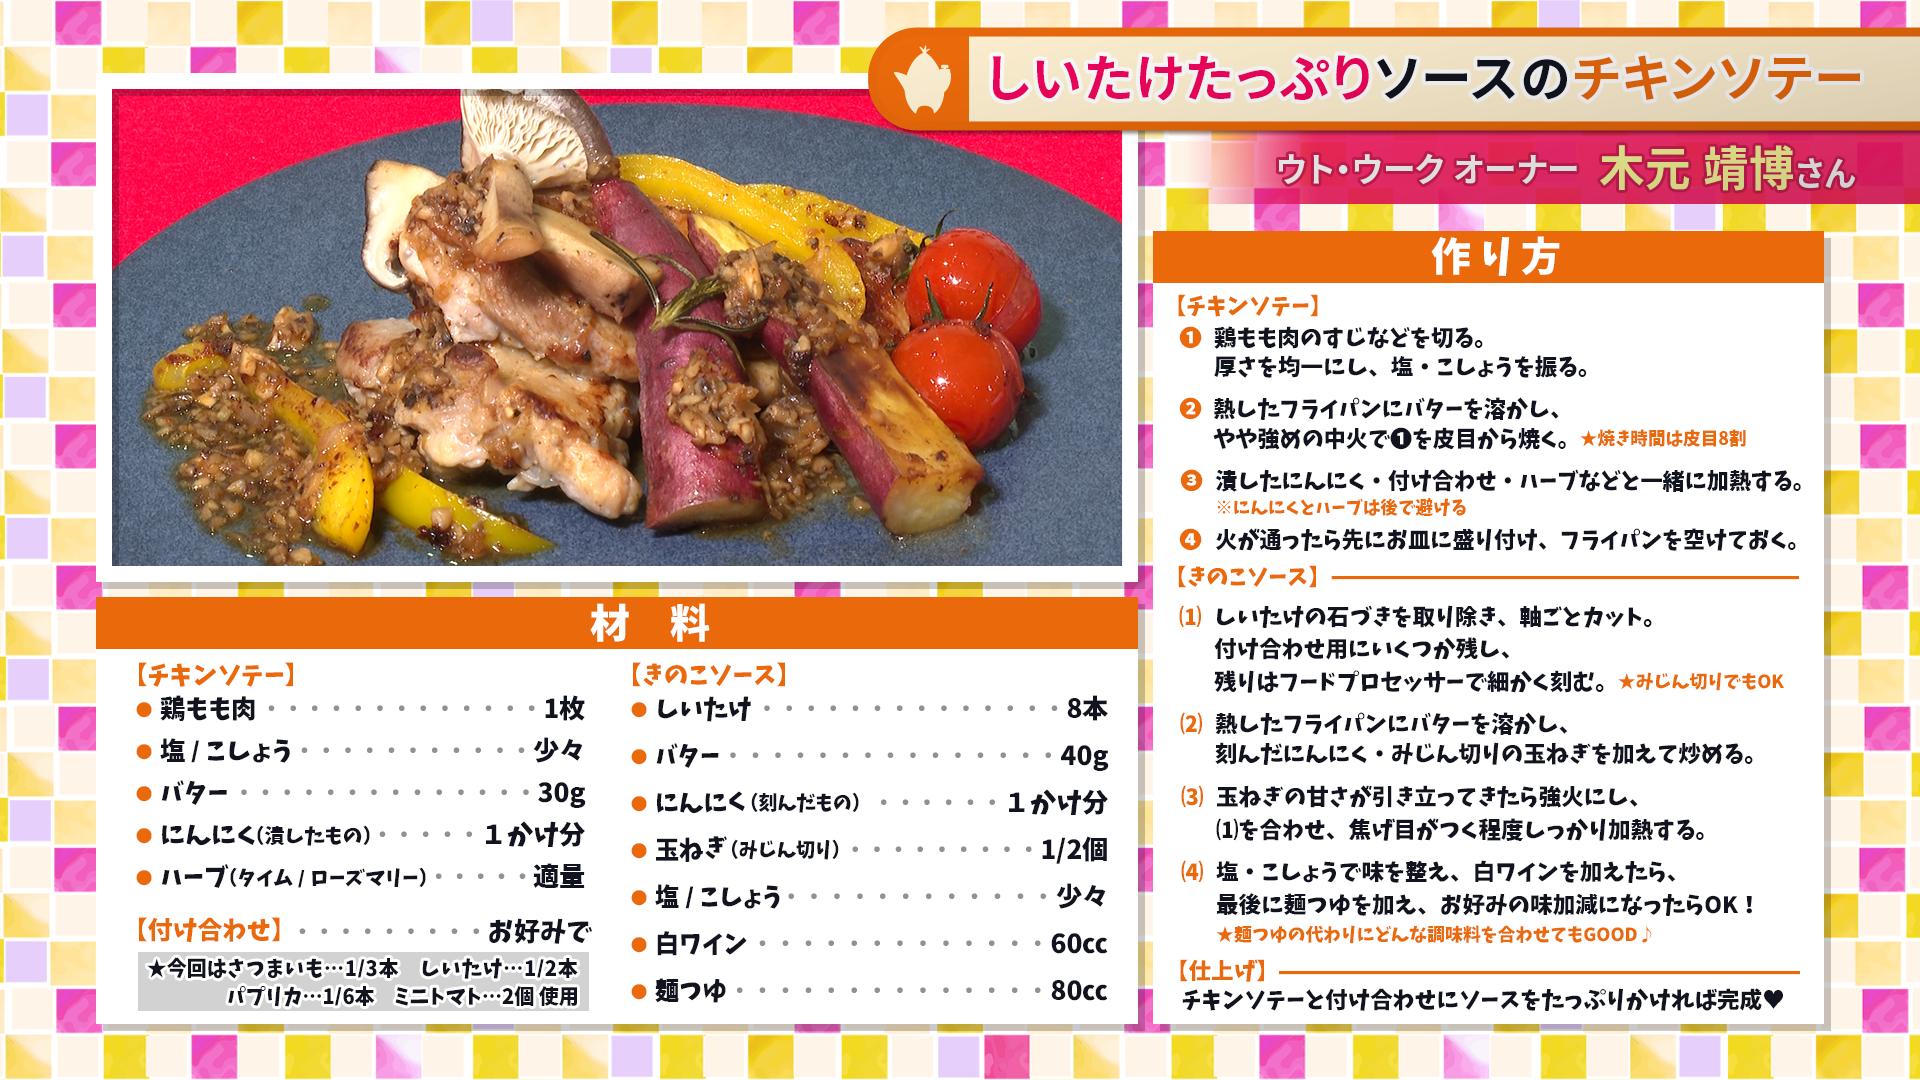 たけナビ『チキンソテー ~きのこのソース~』レシピ(10/6初回放送)